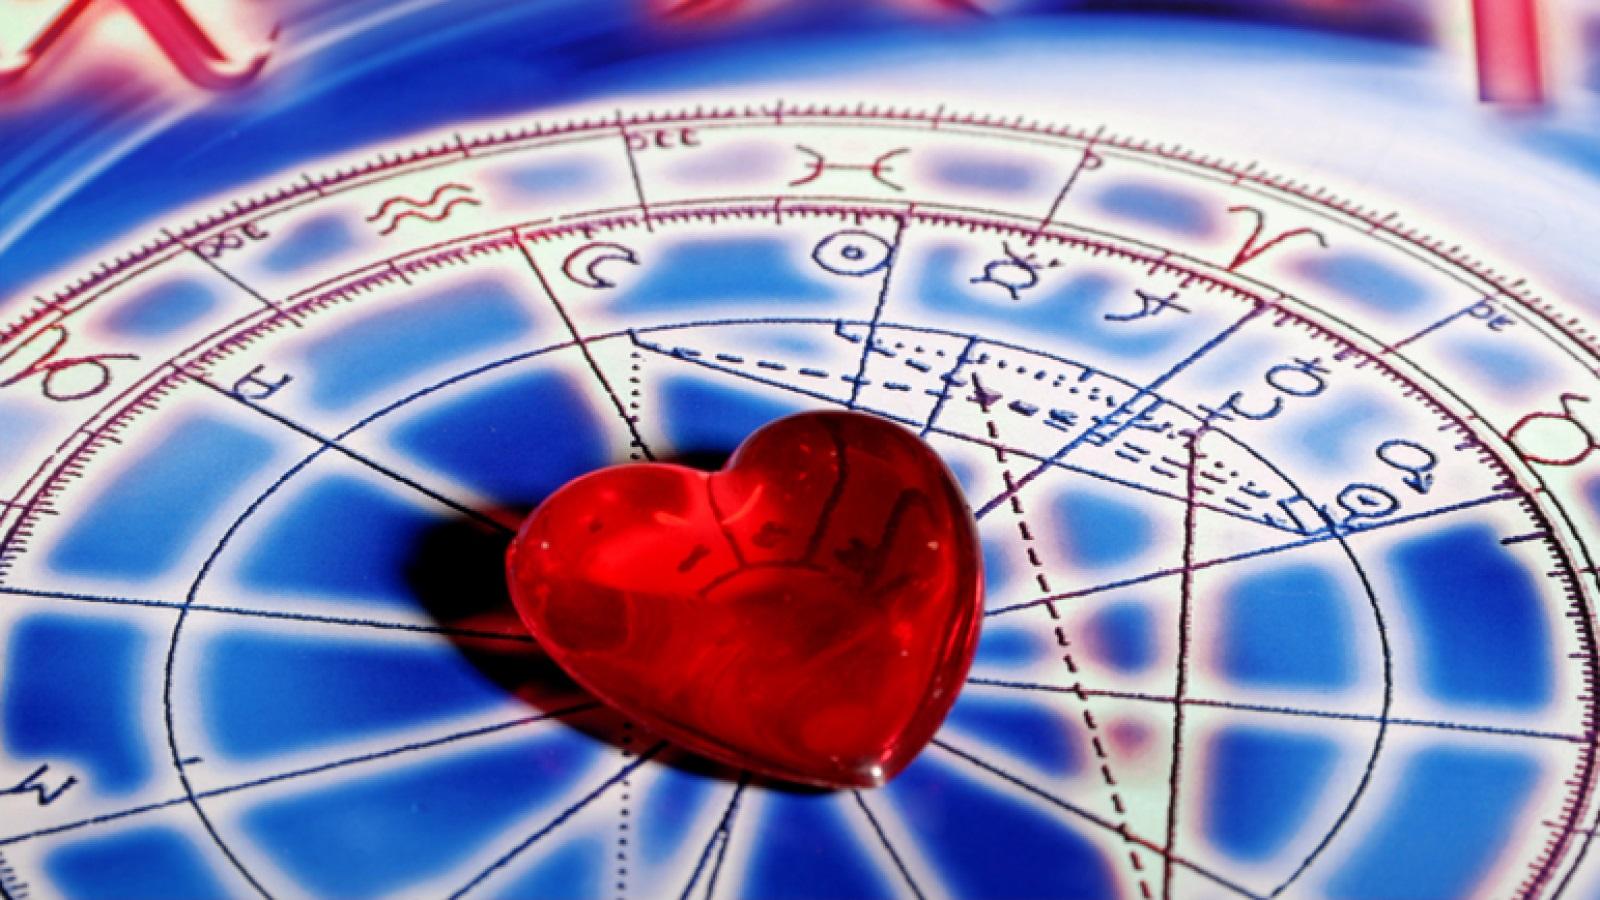 Meilės horoskopas: skirtingų zodiako ženklų rudens prognozė